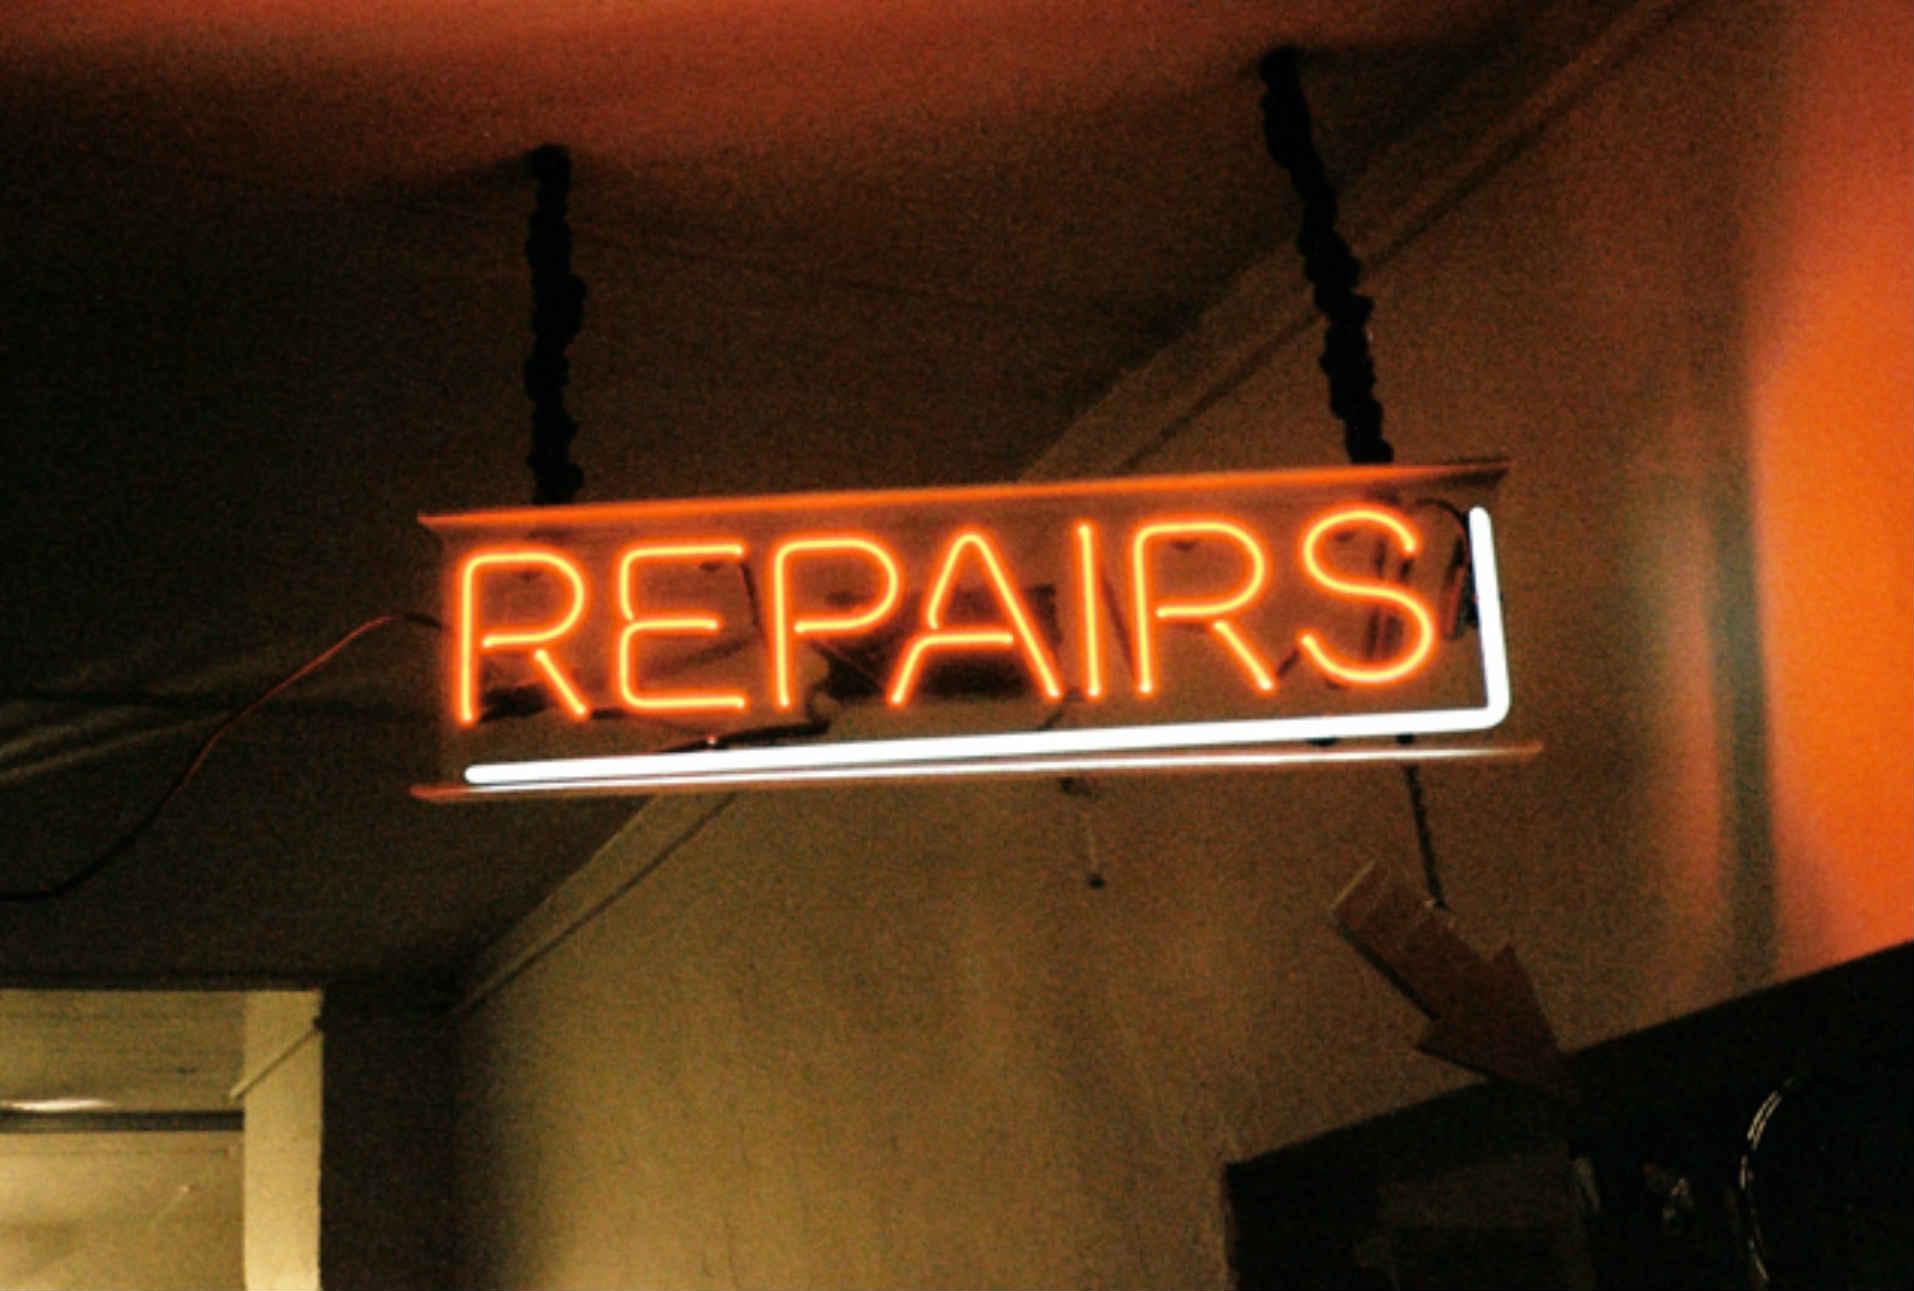 Tenemos derecho a reparar nuestros dispositivos